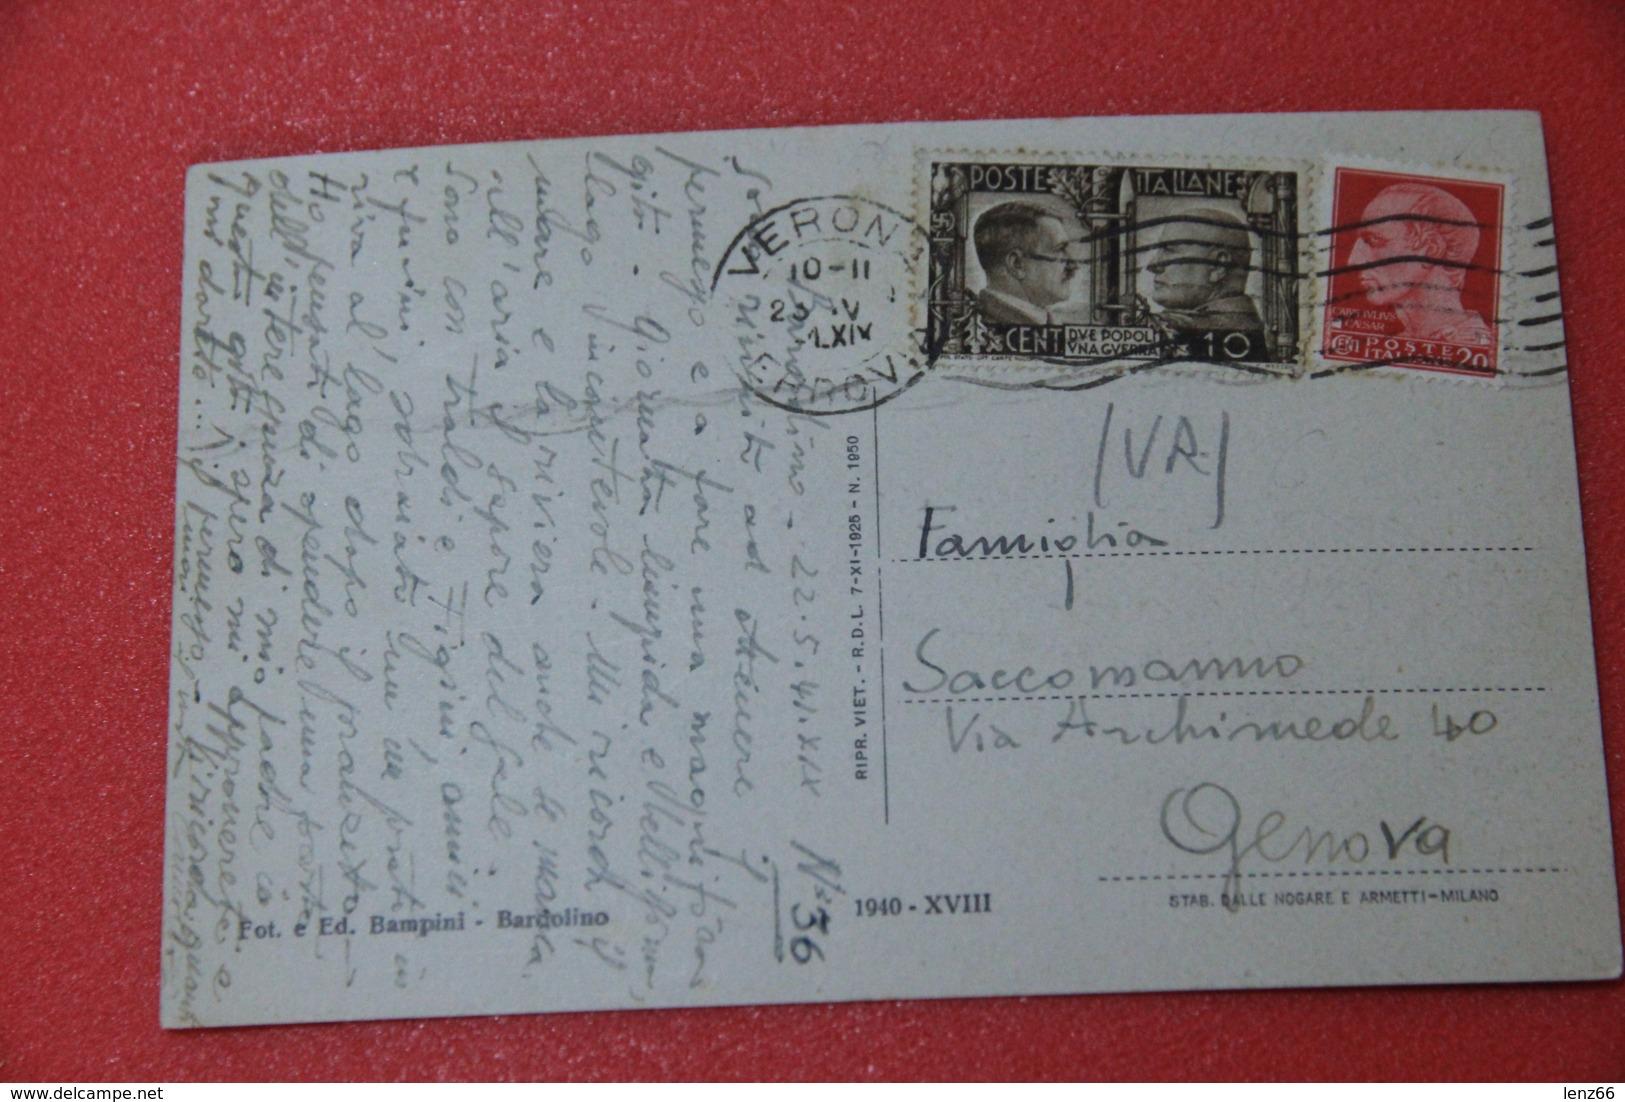 Lago Di Garda Verona Bardolino 1941 Affrancatura Alleanza Italo Germanica + Timbro Datario Fascista Ed. Bampini - Italia